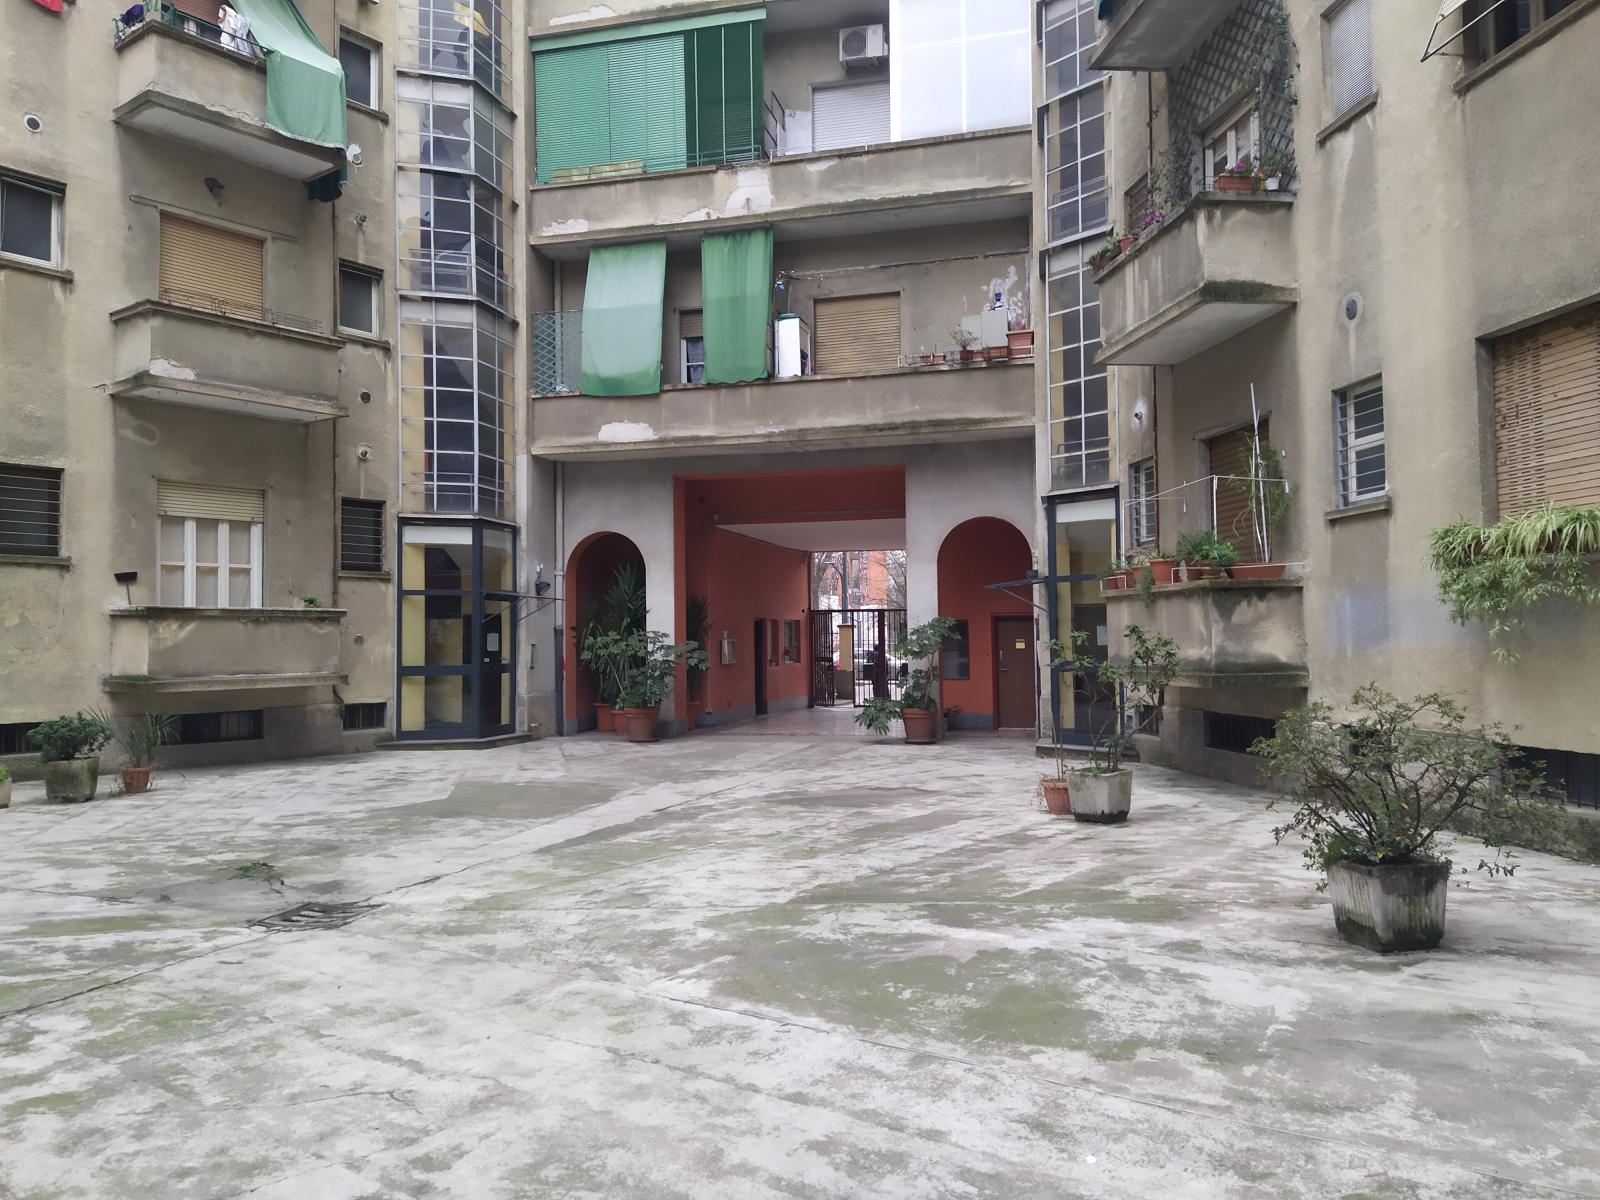 appartamento-in-vendita-piazza-seminunte-tre-locali-milano-da-ristrutturare-spaziourbano-immobiliare-dove-trovi-casa-26